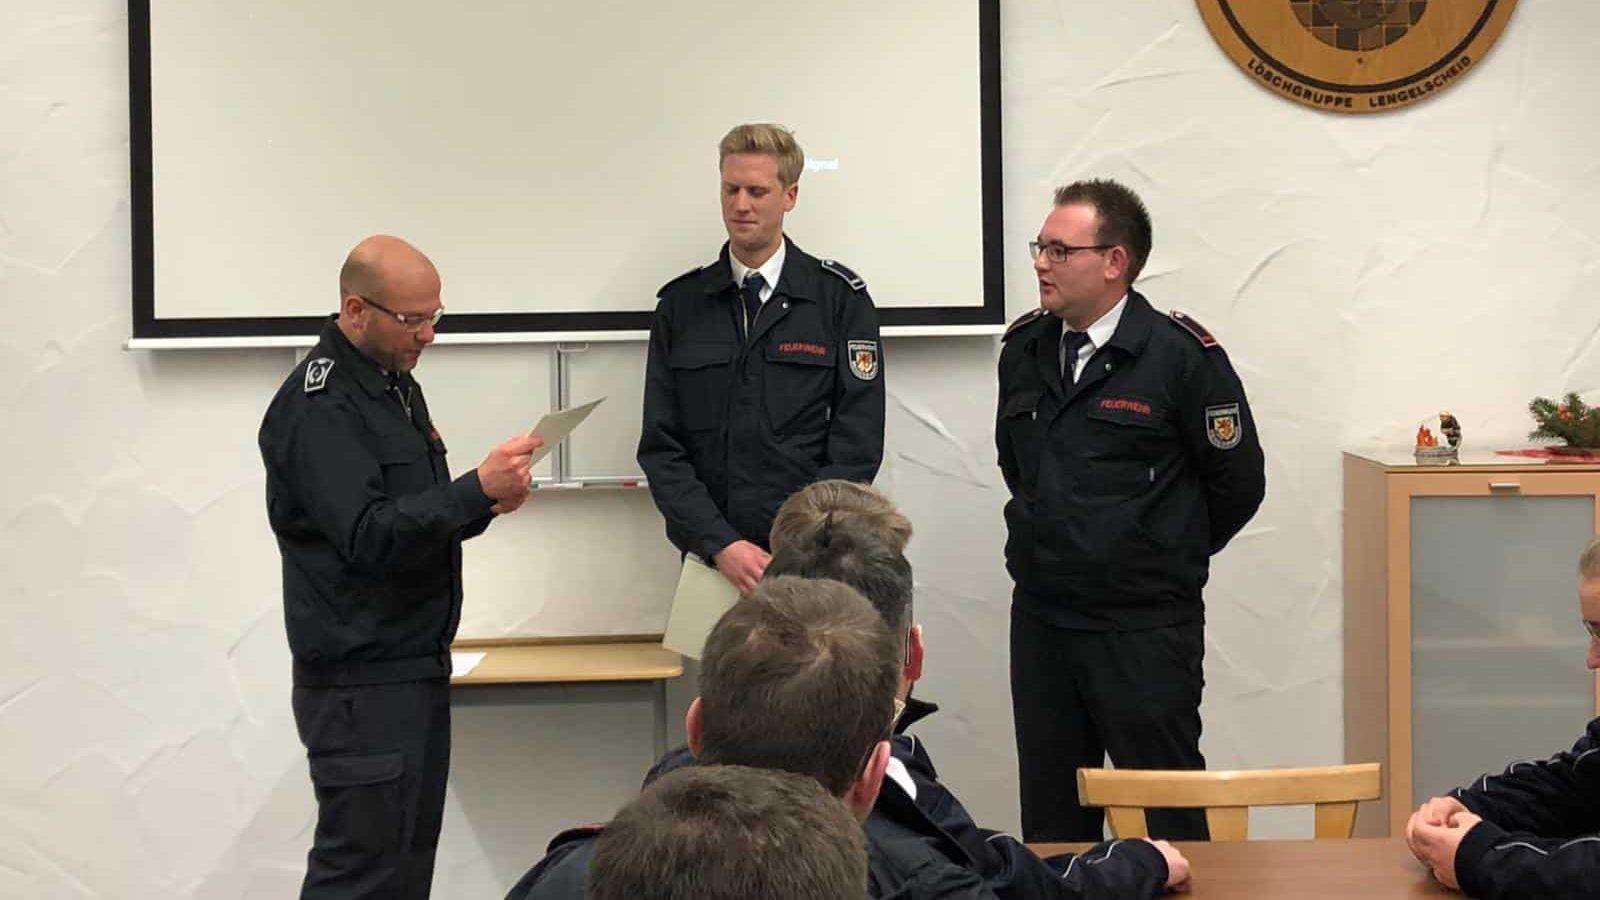 Neue Einheitsführung der Löschgruppe Willertshagen ernannt